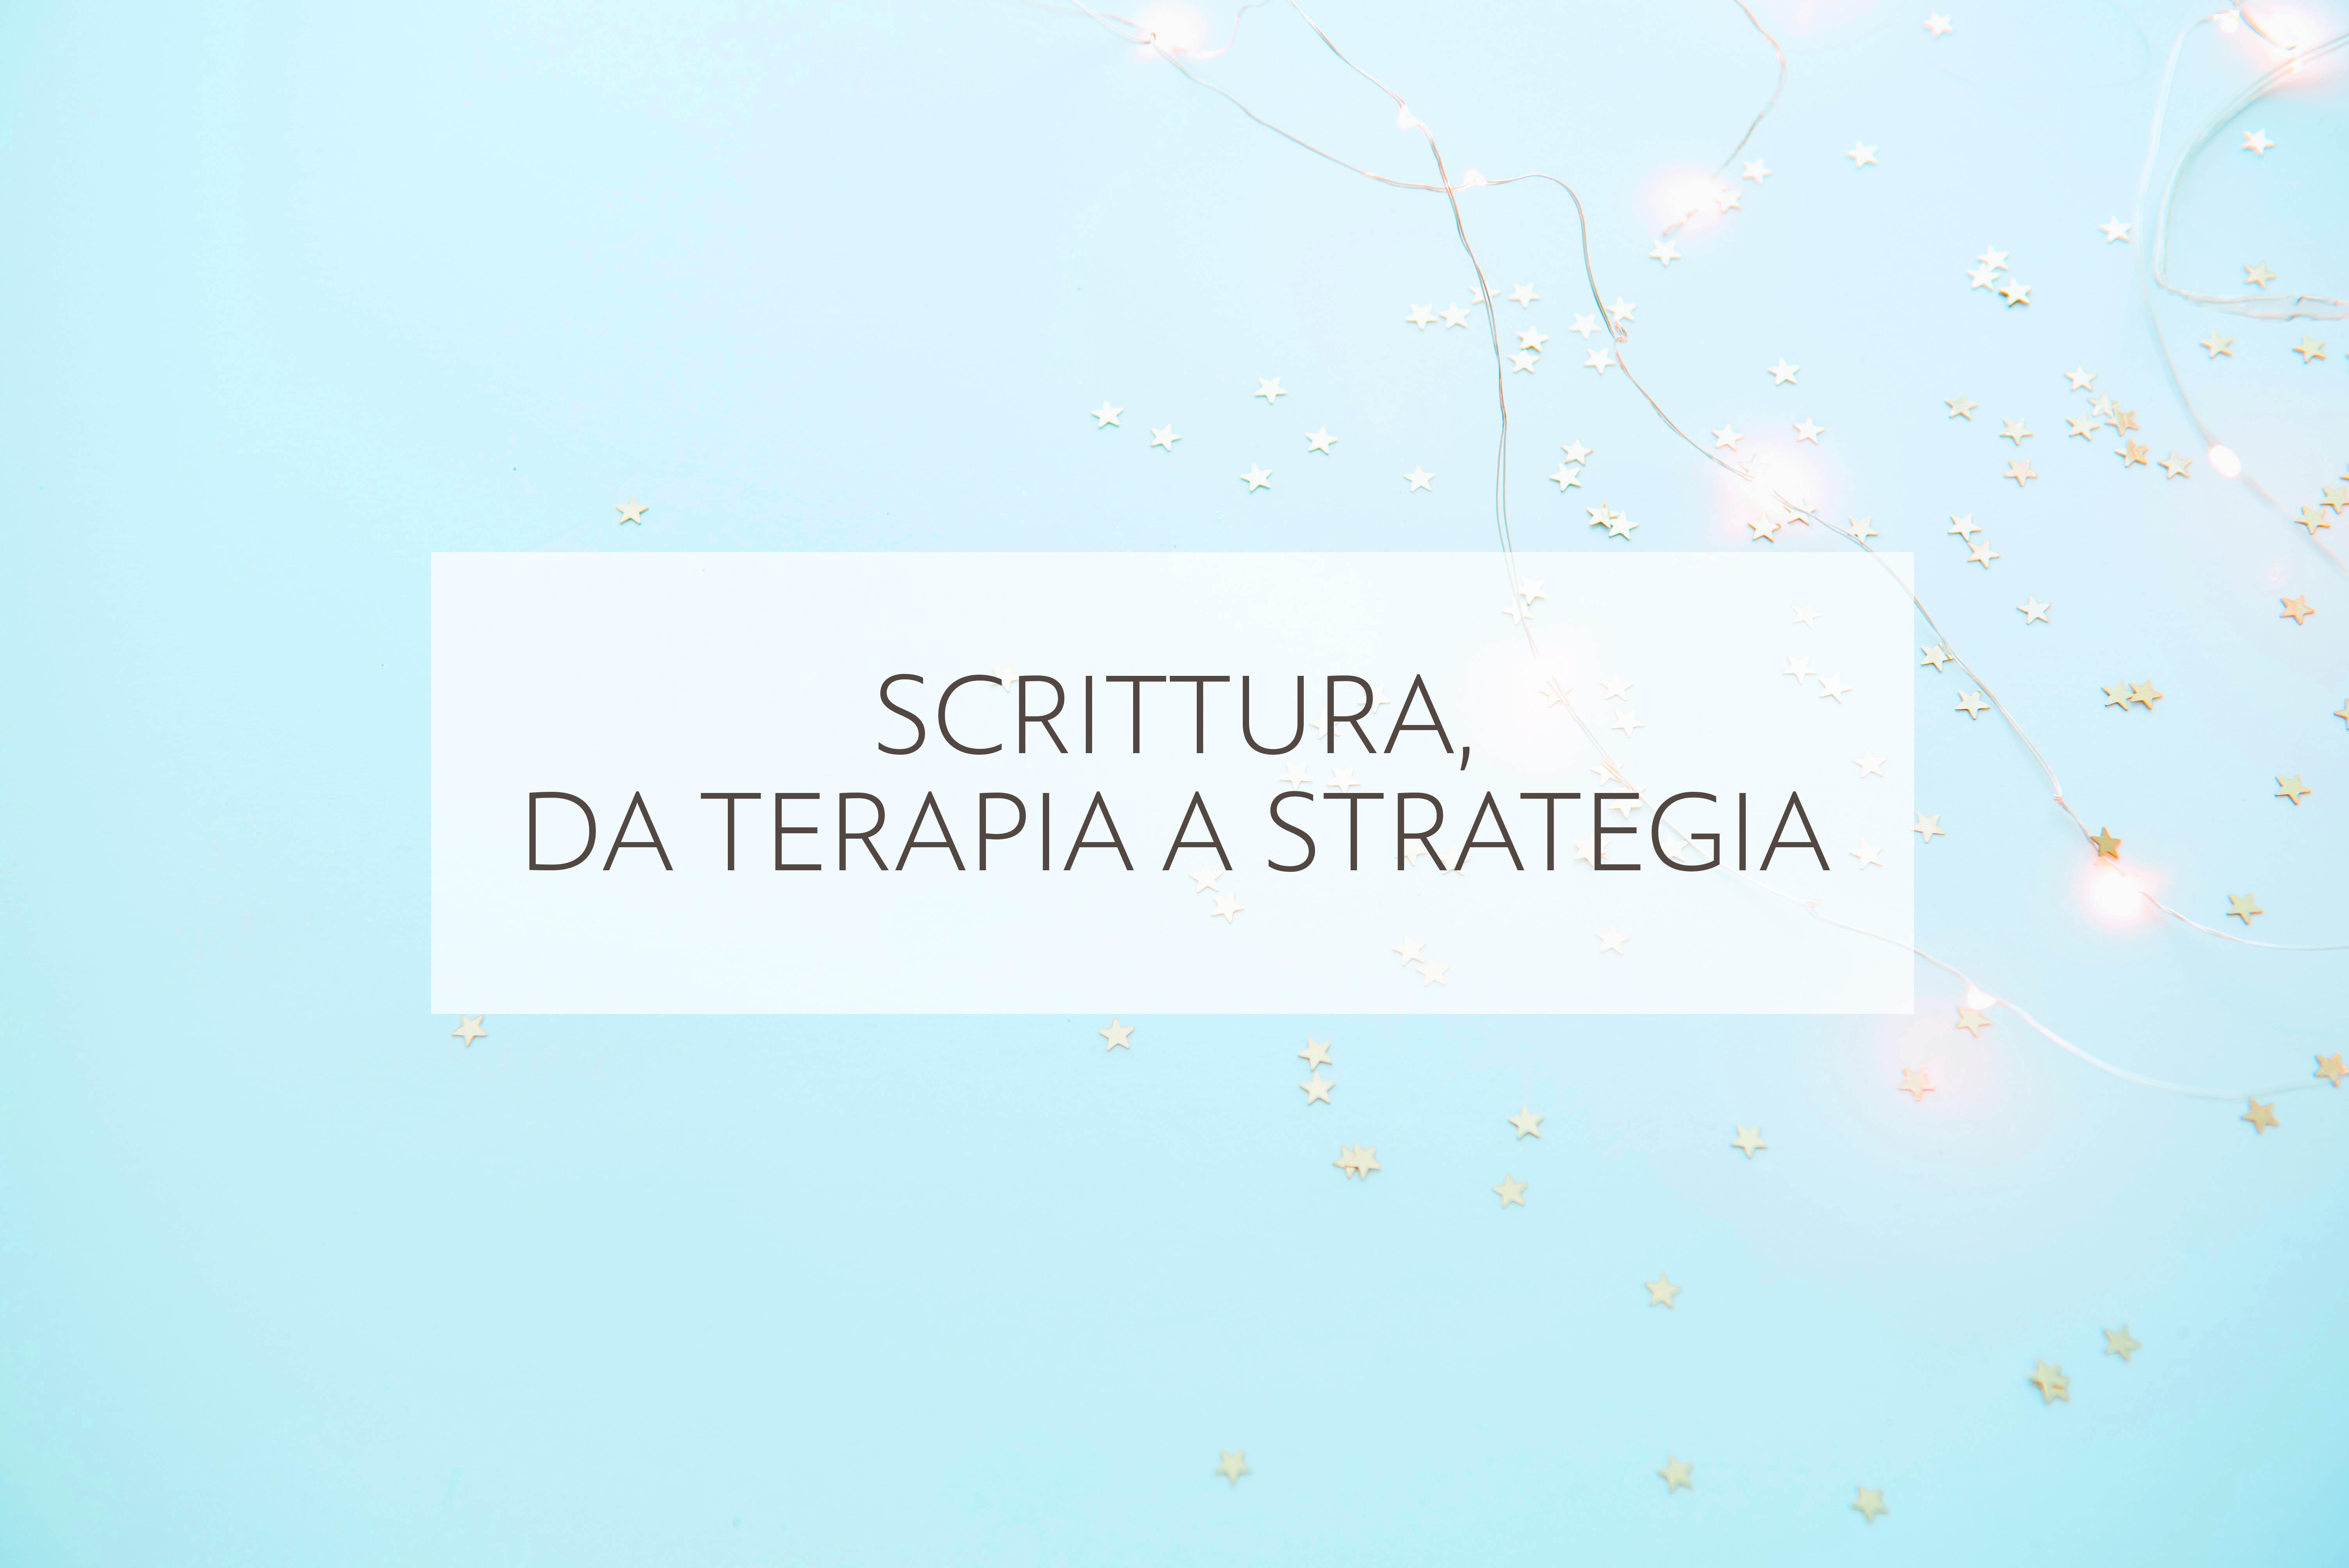 Scrittura, da terapia a strategia